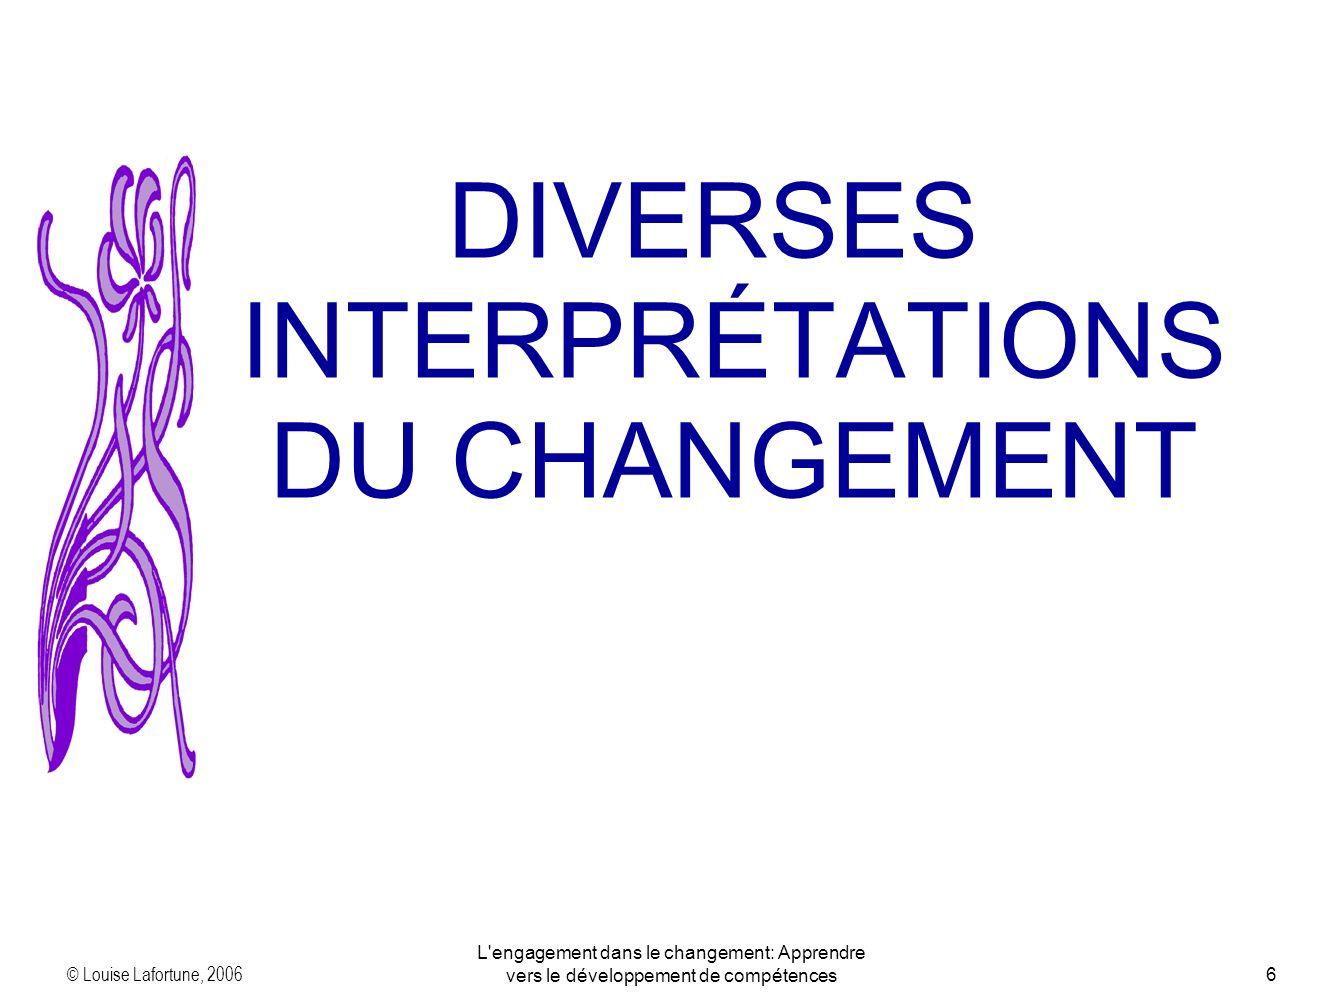 © Louise Lafortune, 2006 L engagement dans le changement: Apprendre vers le développement de compétences6 DIVERSES INTERPRÉTATIONS DU CHANGEMENT